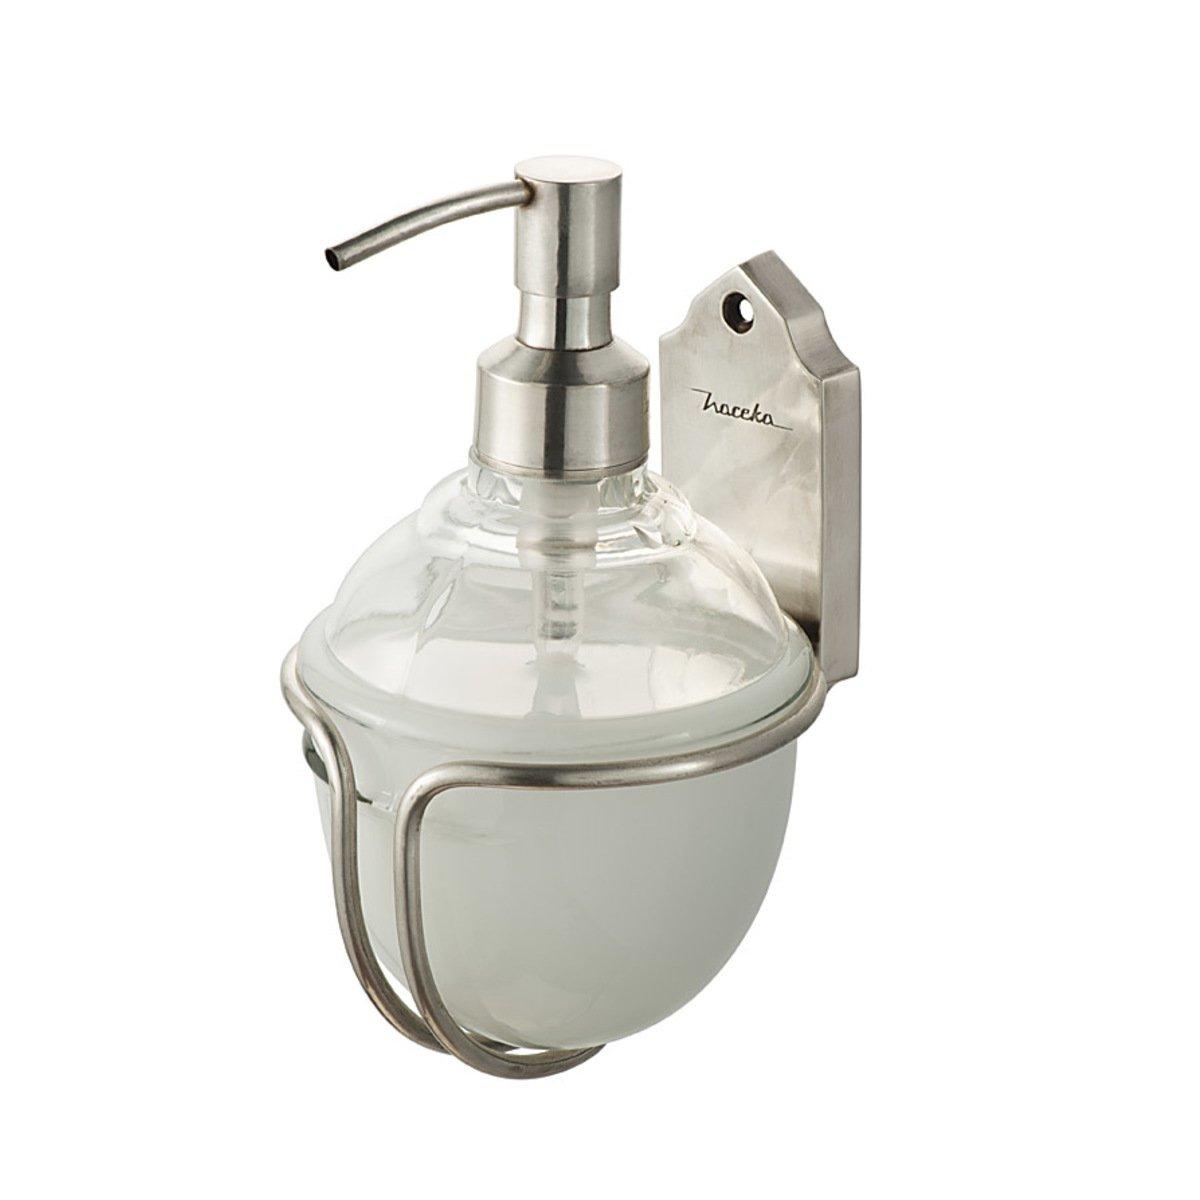 Haceka Vintage zeepdispenser zilver 1170896